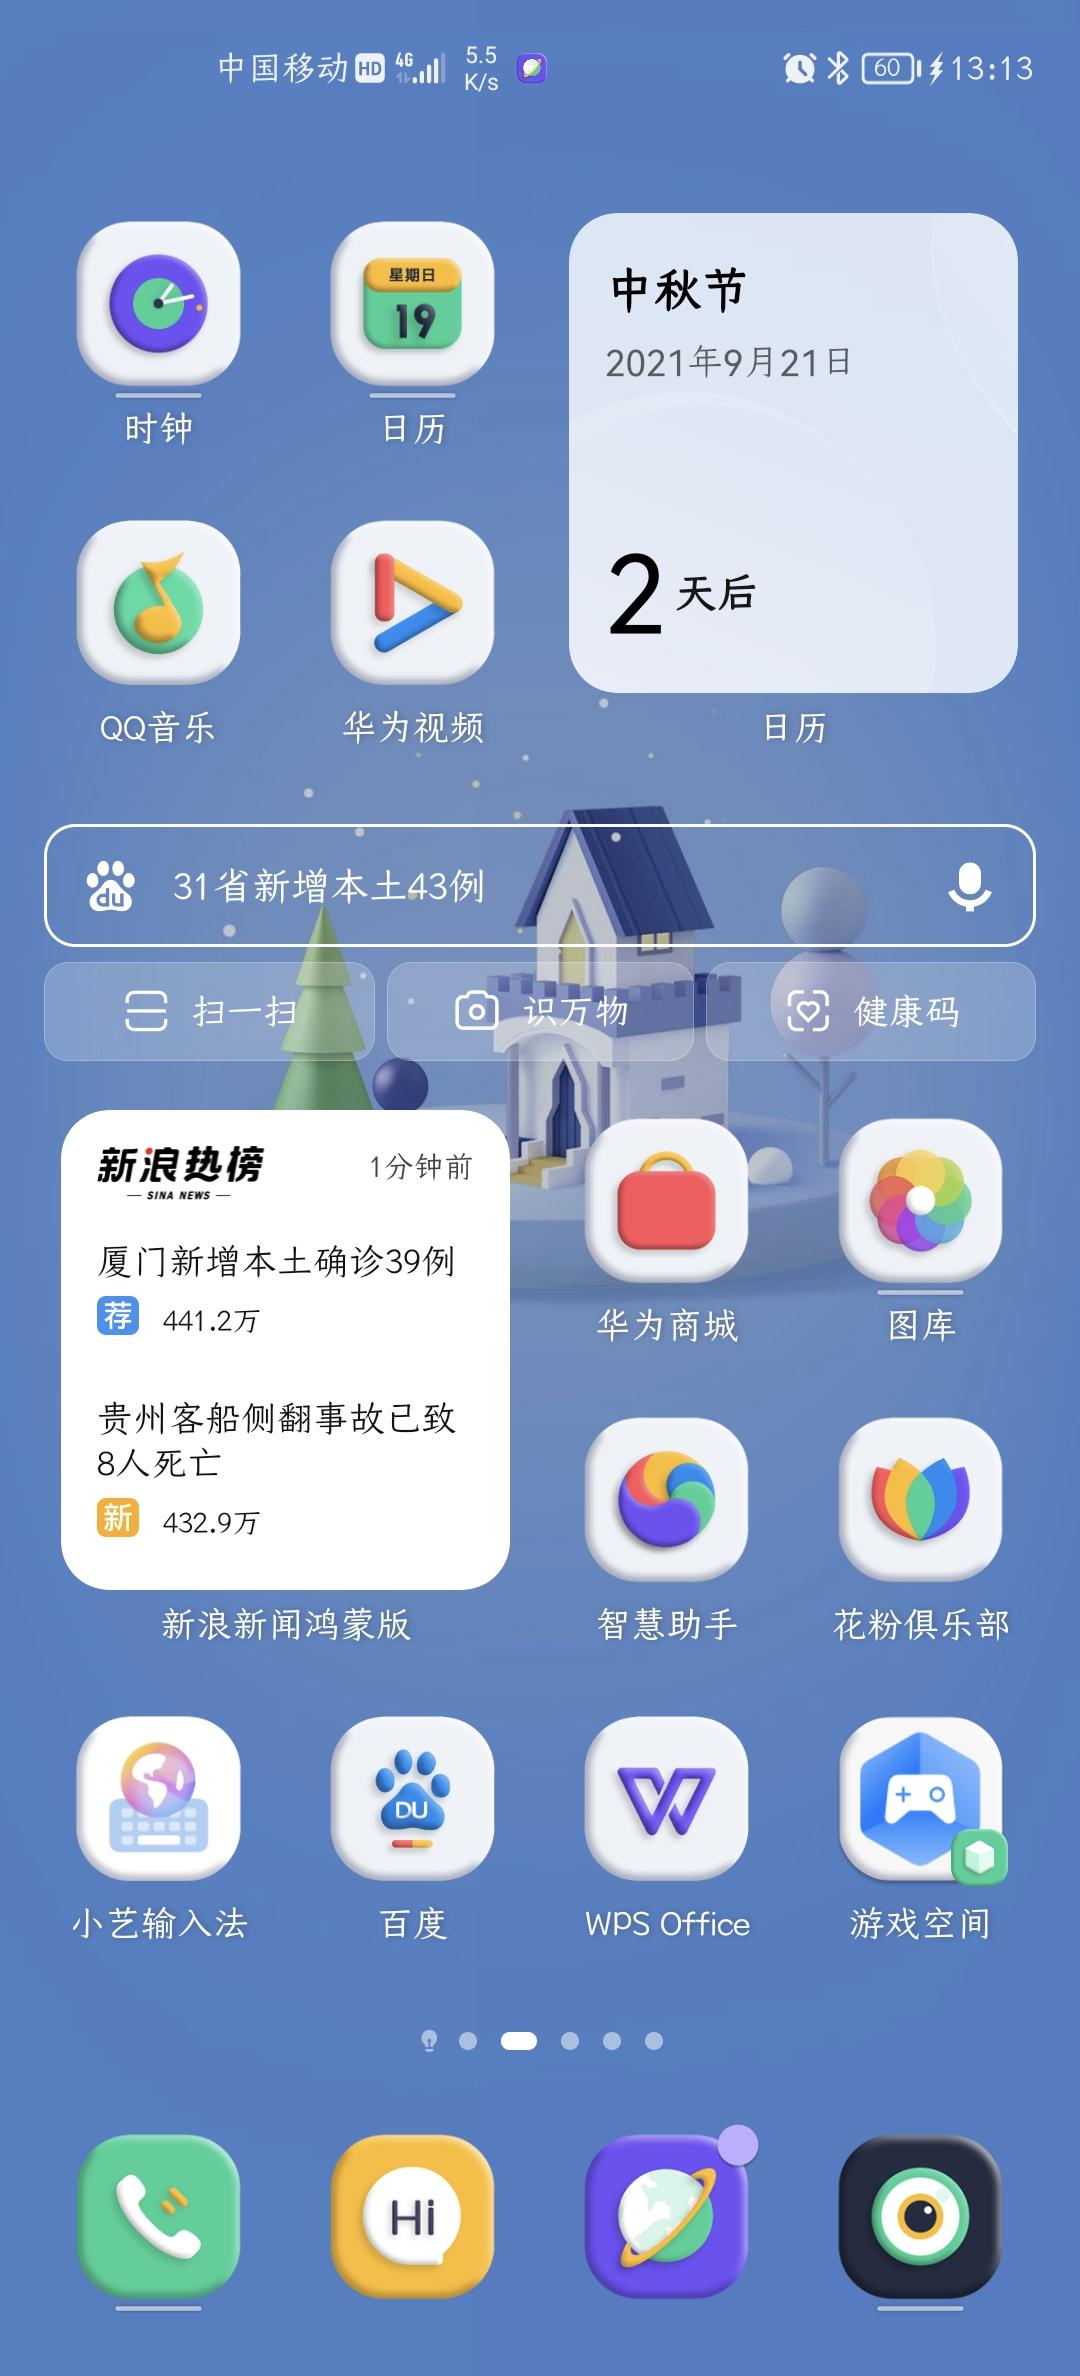 Screenshot_20210919_131316_com.huawei.android.launcher.jpg